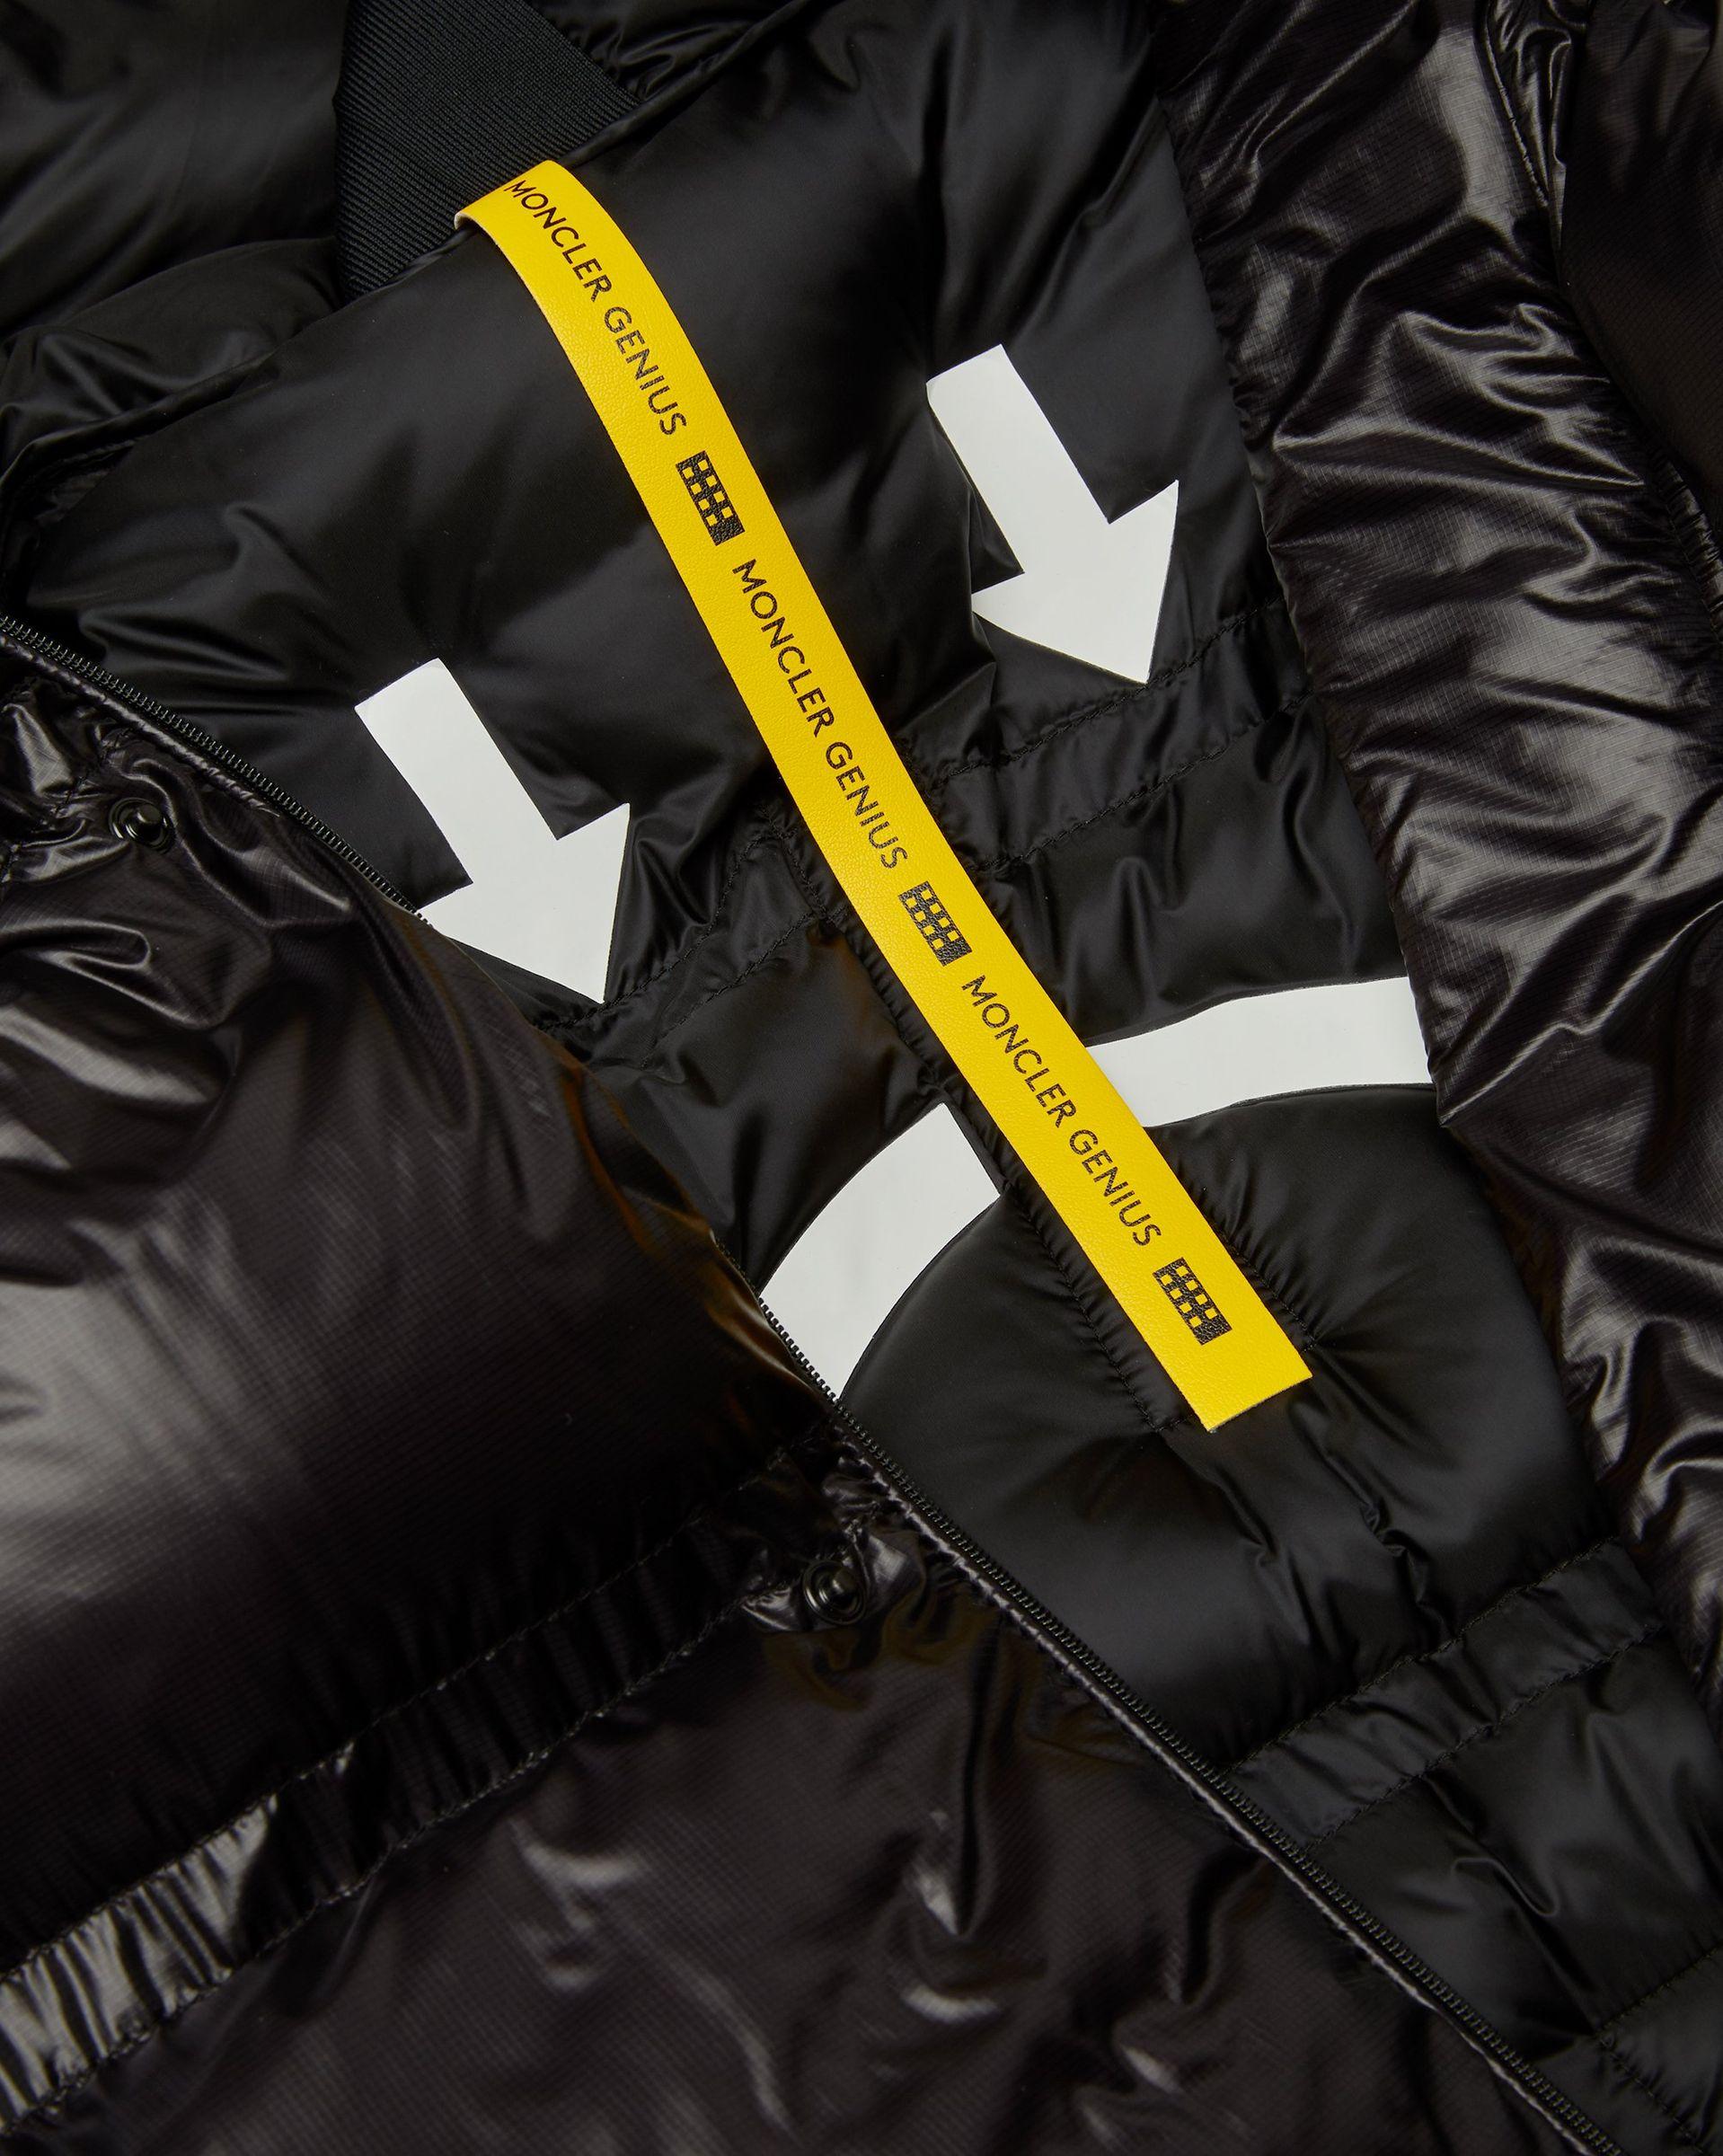 5 Moncler Craig Green - Sullivor Long Coat Black - Image 3